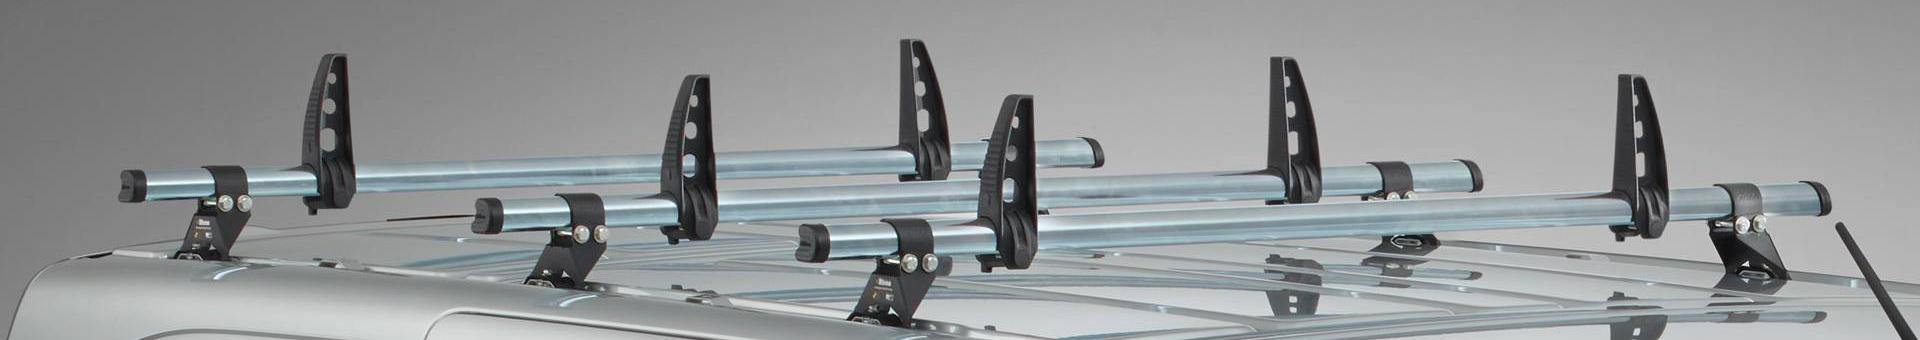 Dachträger und Dachträgersysteme